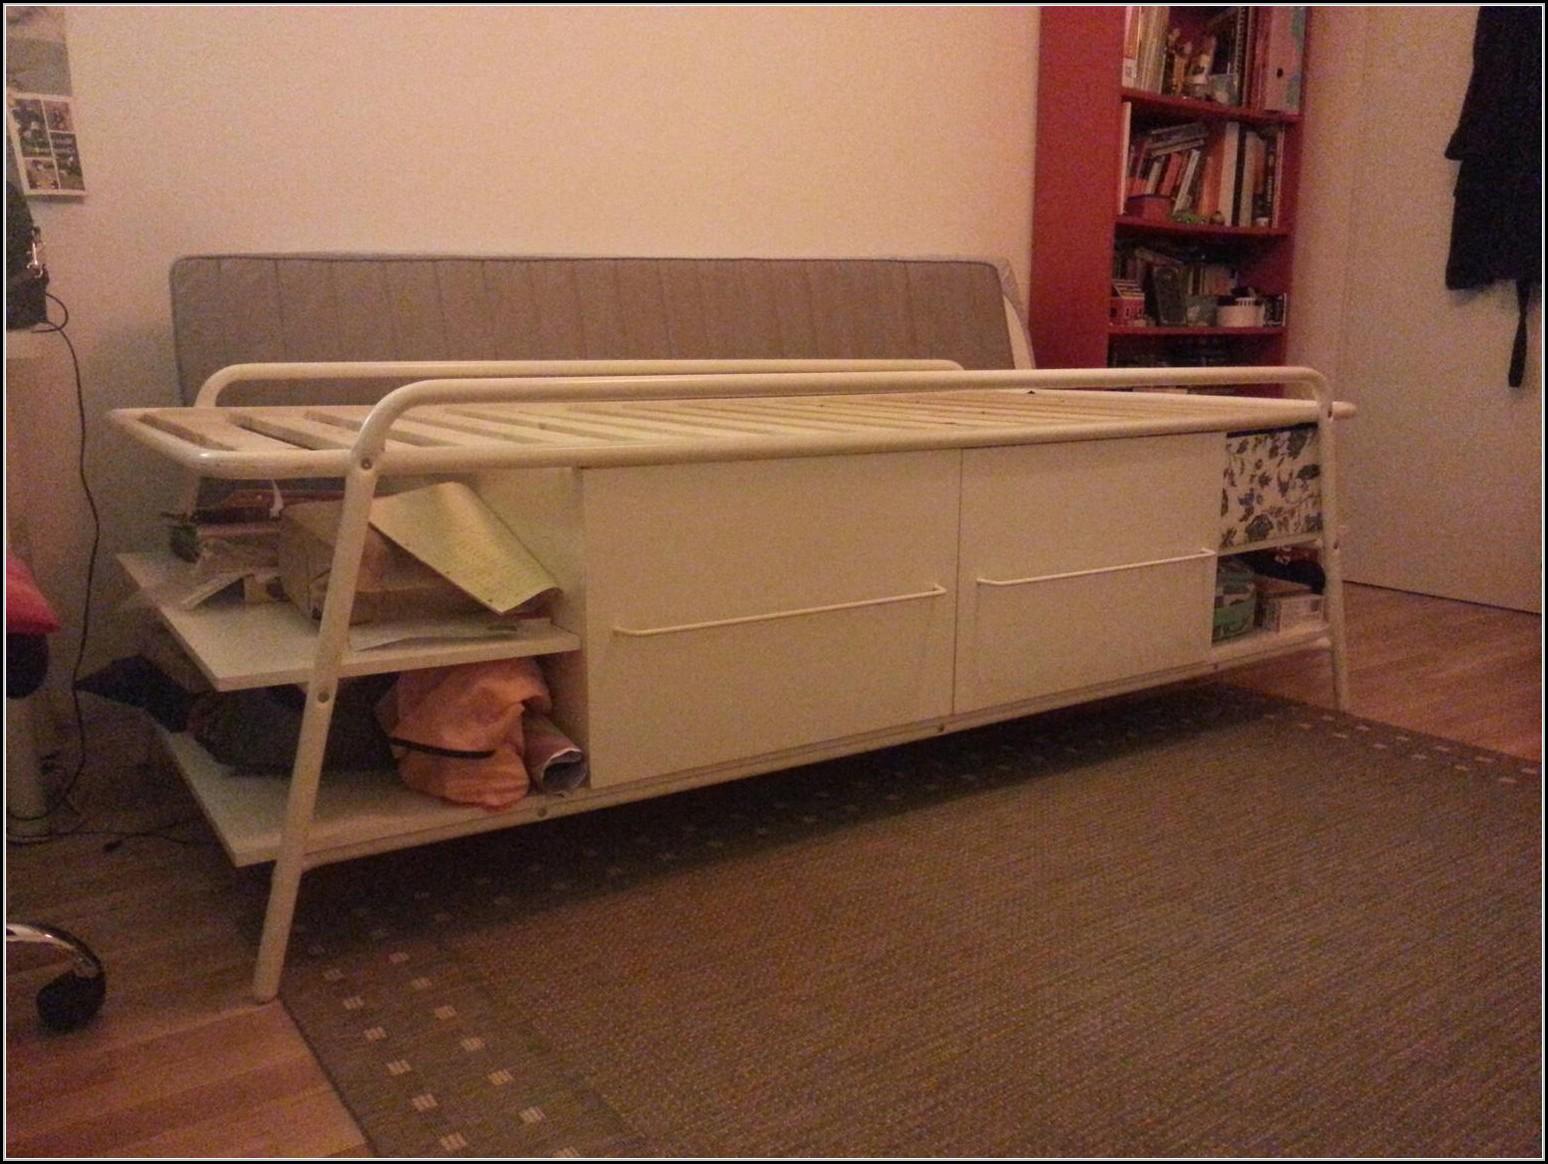 bett mit kasten ikea betten house und dekor galerie rmrvebv1x9. Black Bedroom Furniture Sets. Home Design Ideas